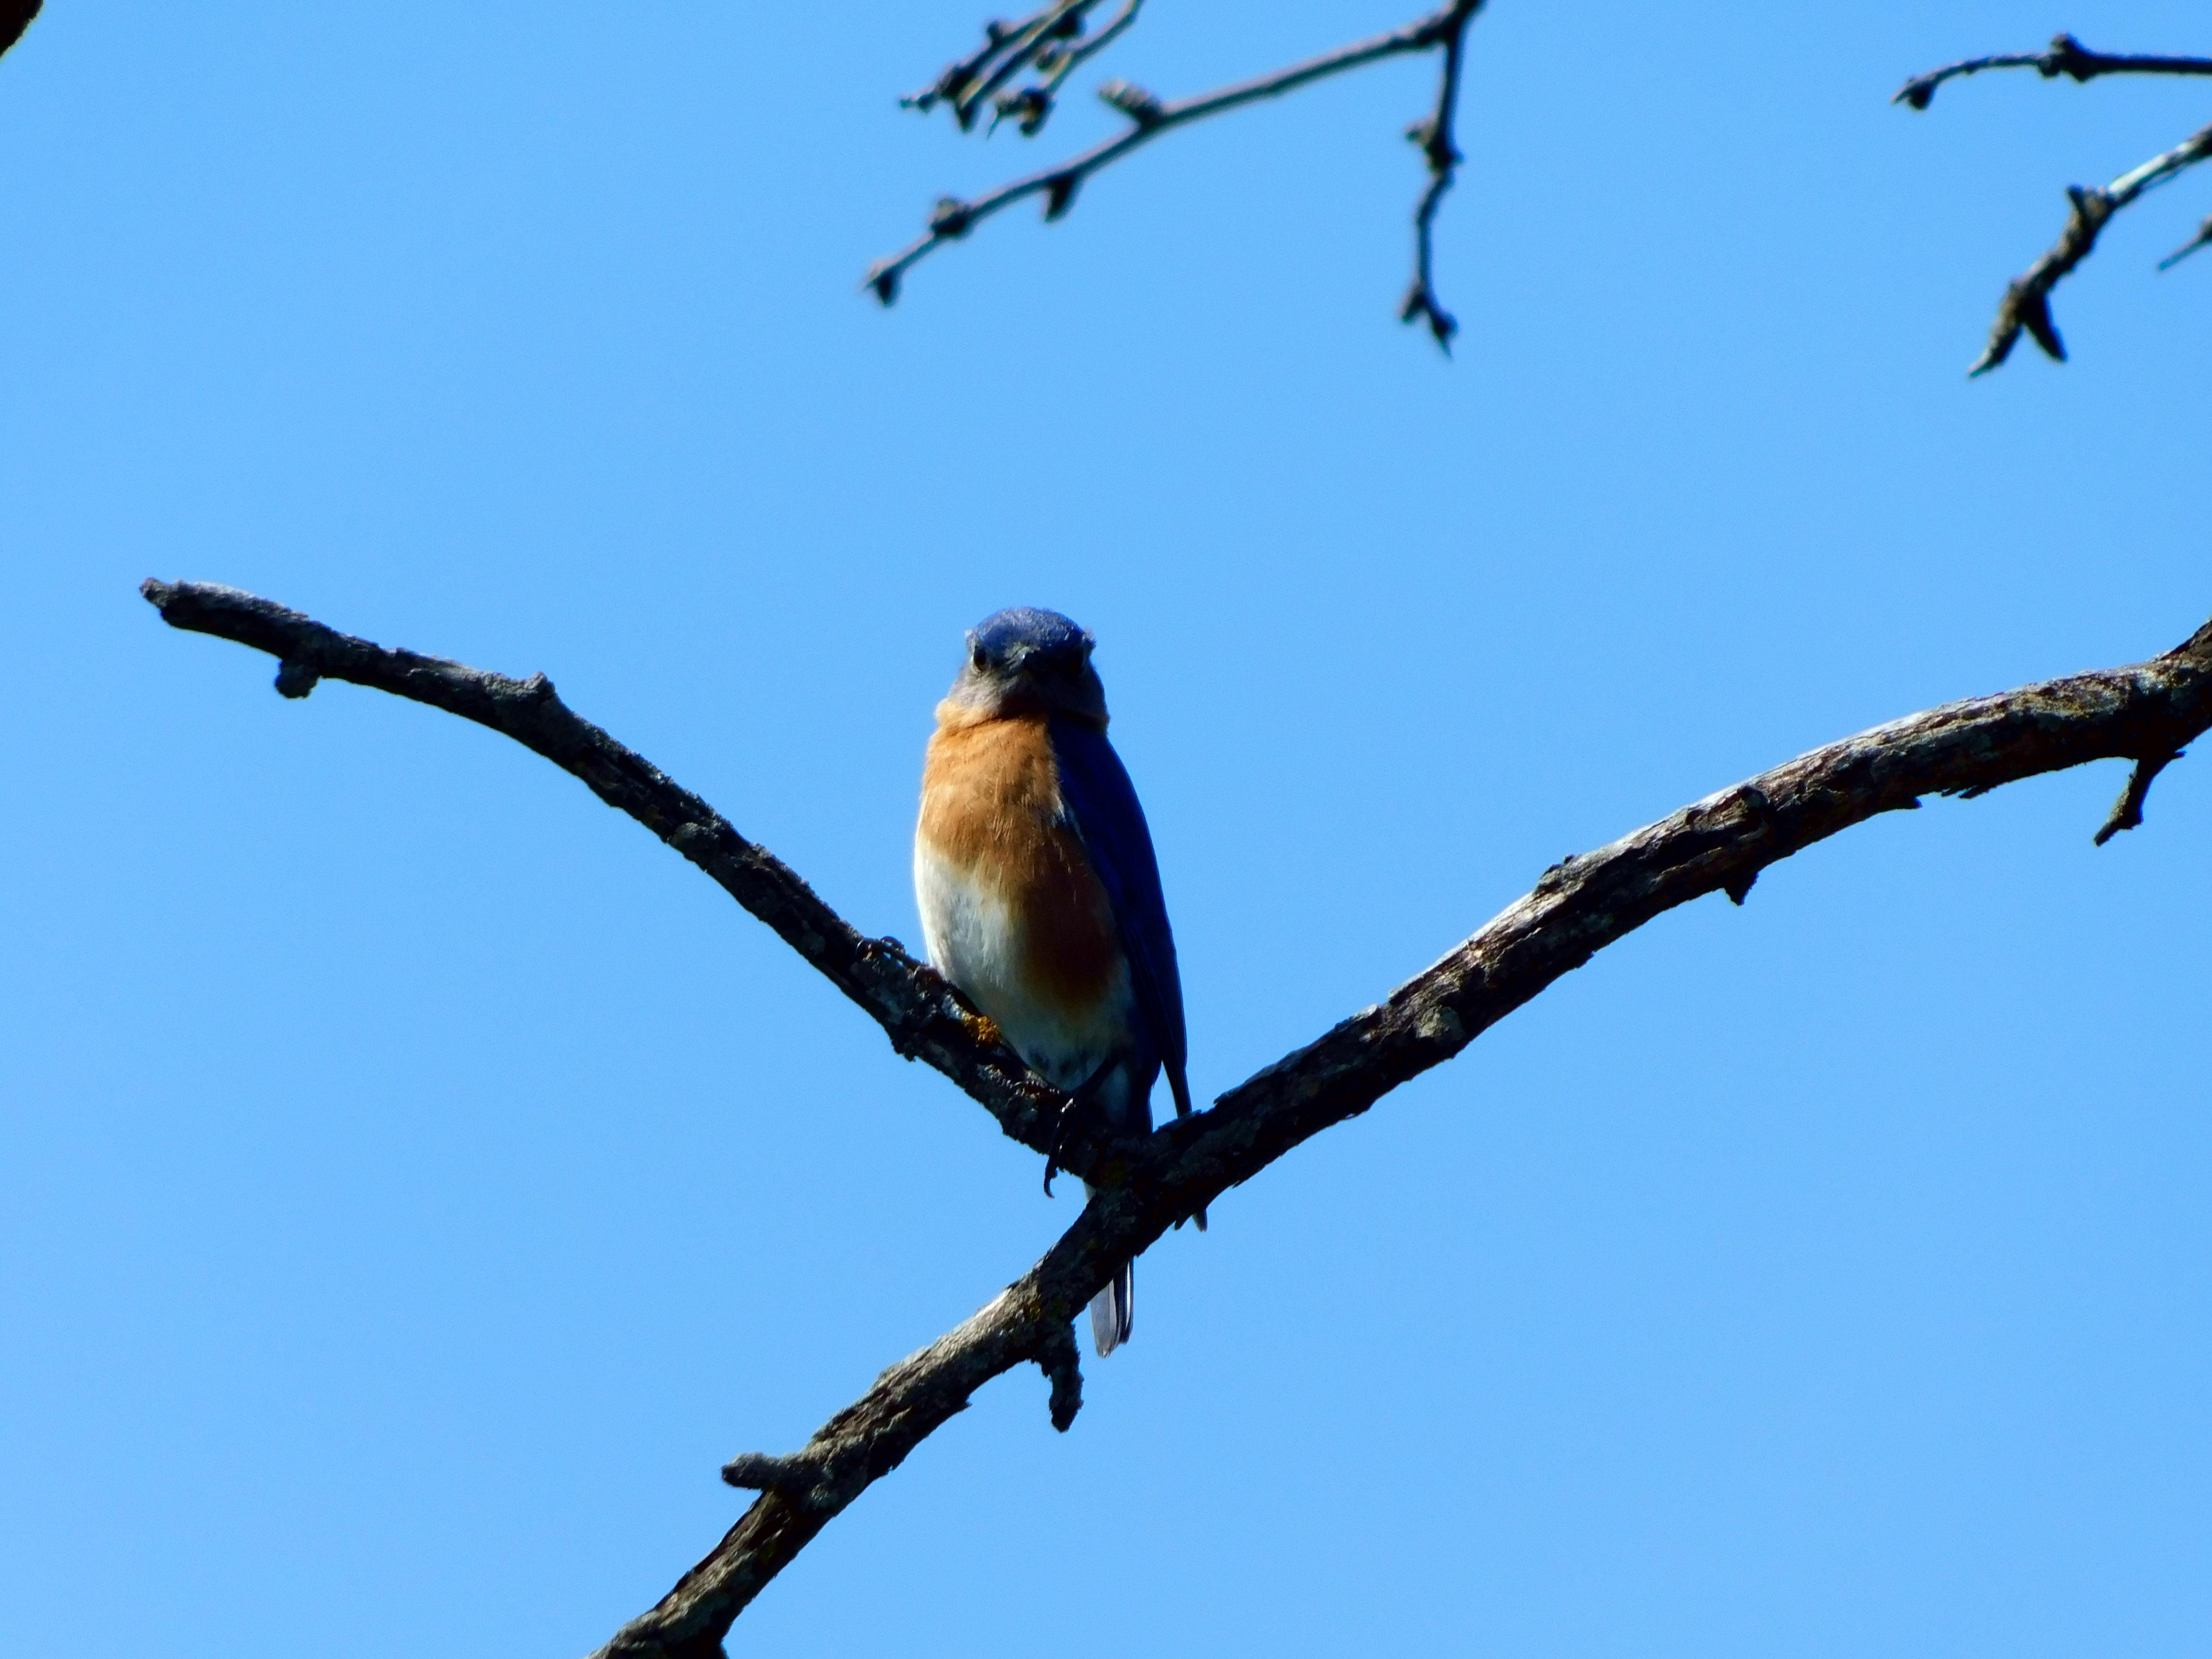 Female Eastern Bluebird in a Tree